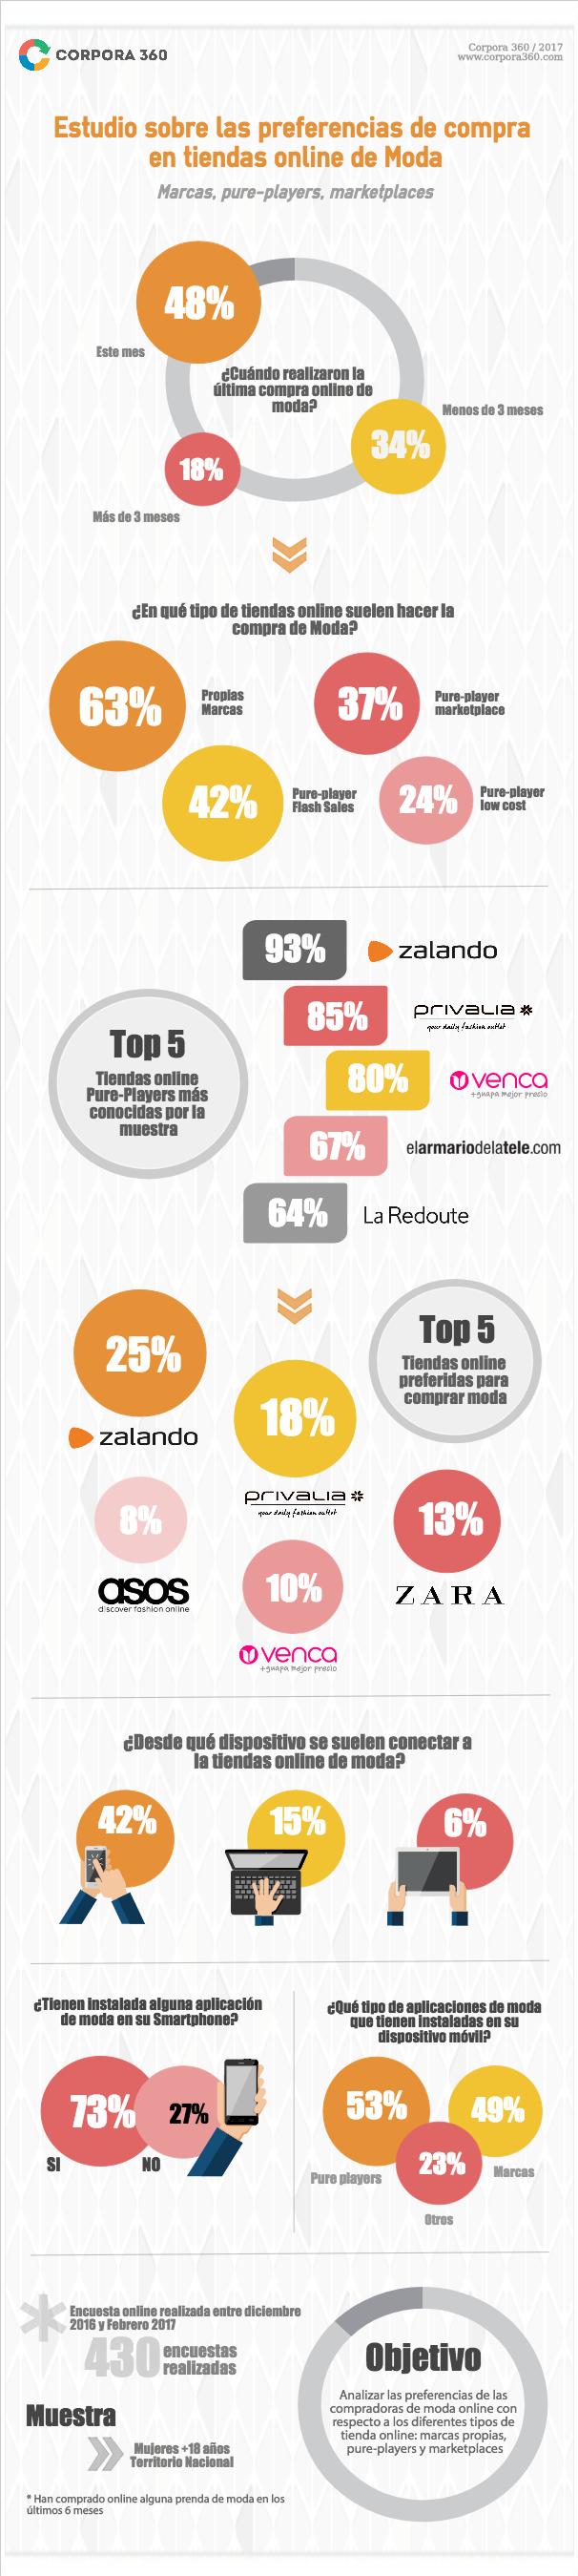 tiendas online de moda preferidas en España Infografía Imagen Corpora360